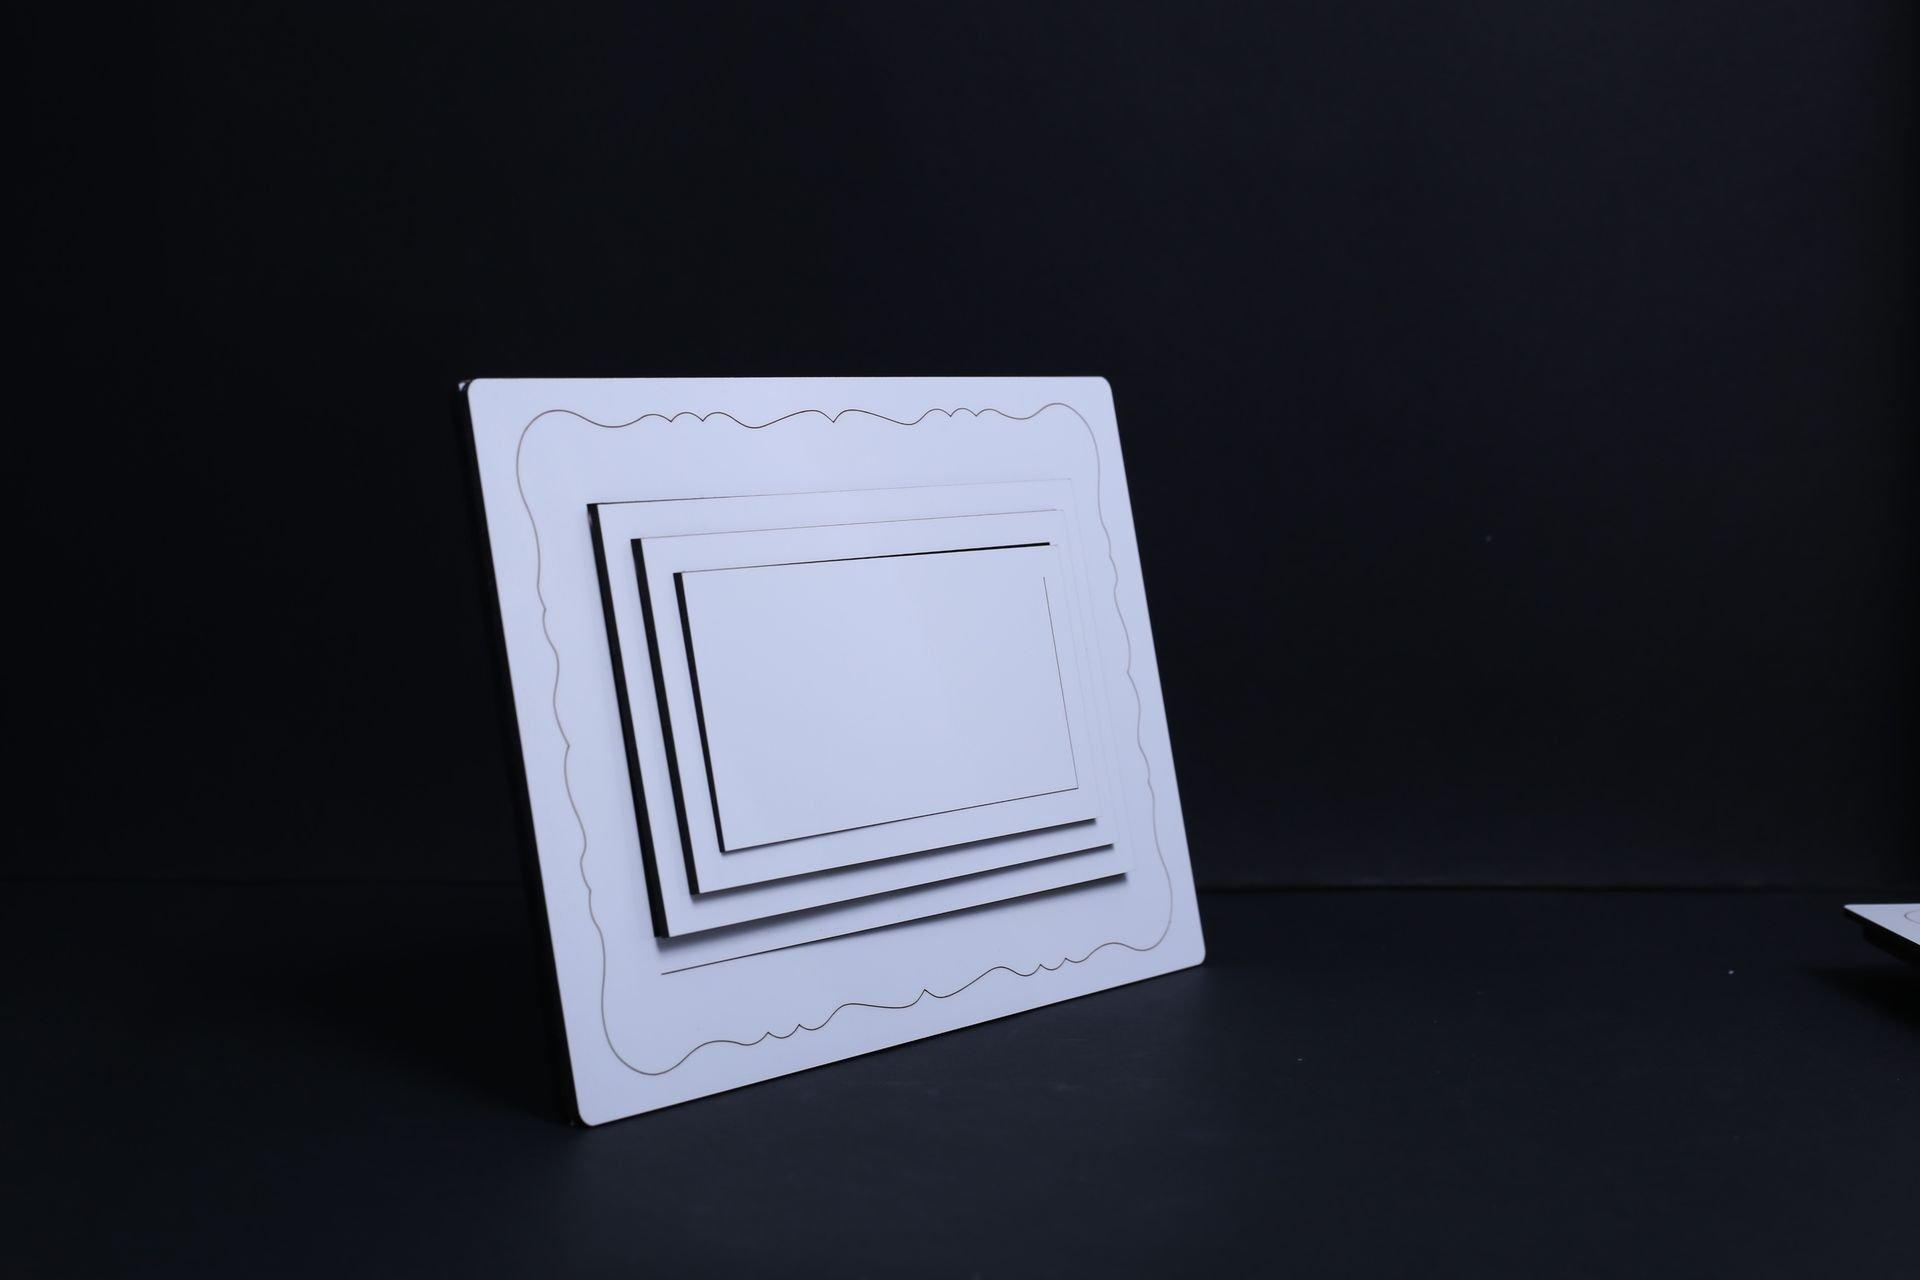 מגן  - מסגרת תמונה לשולחן, מלבן, תלת מימד להדפסת תמונה באיכות פוטו.